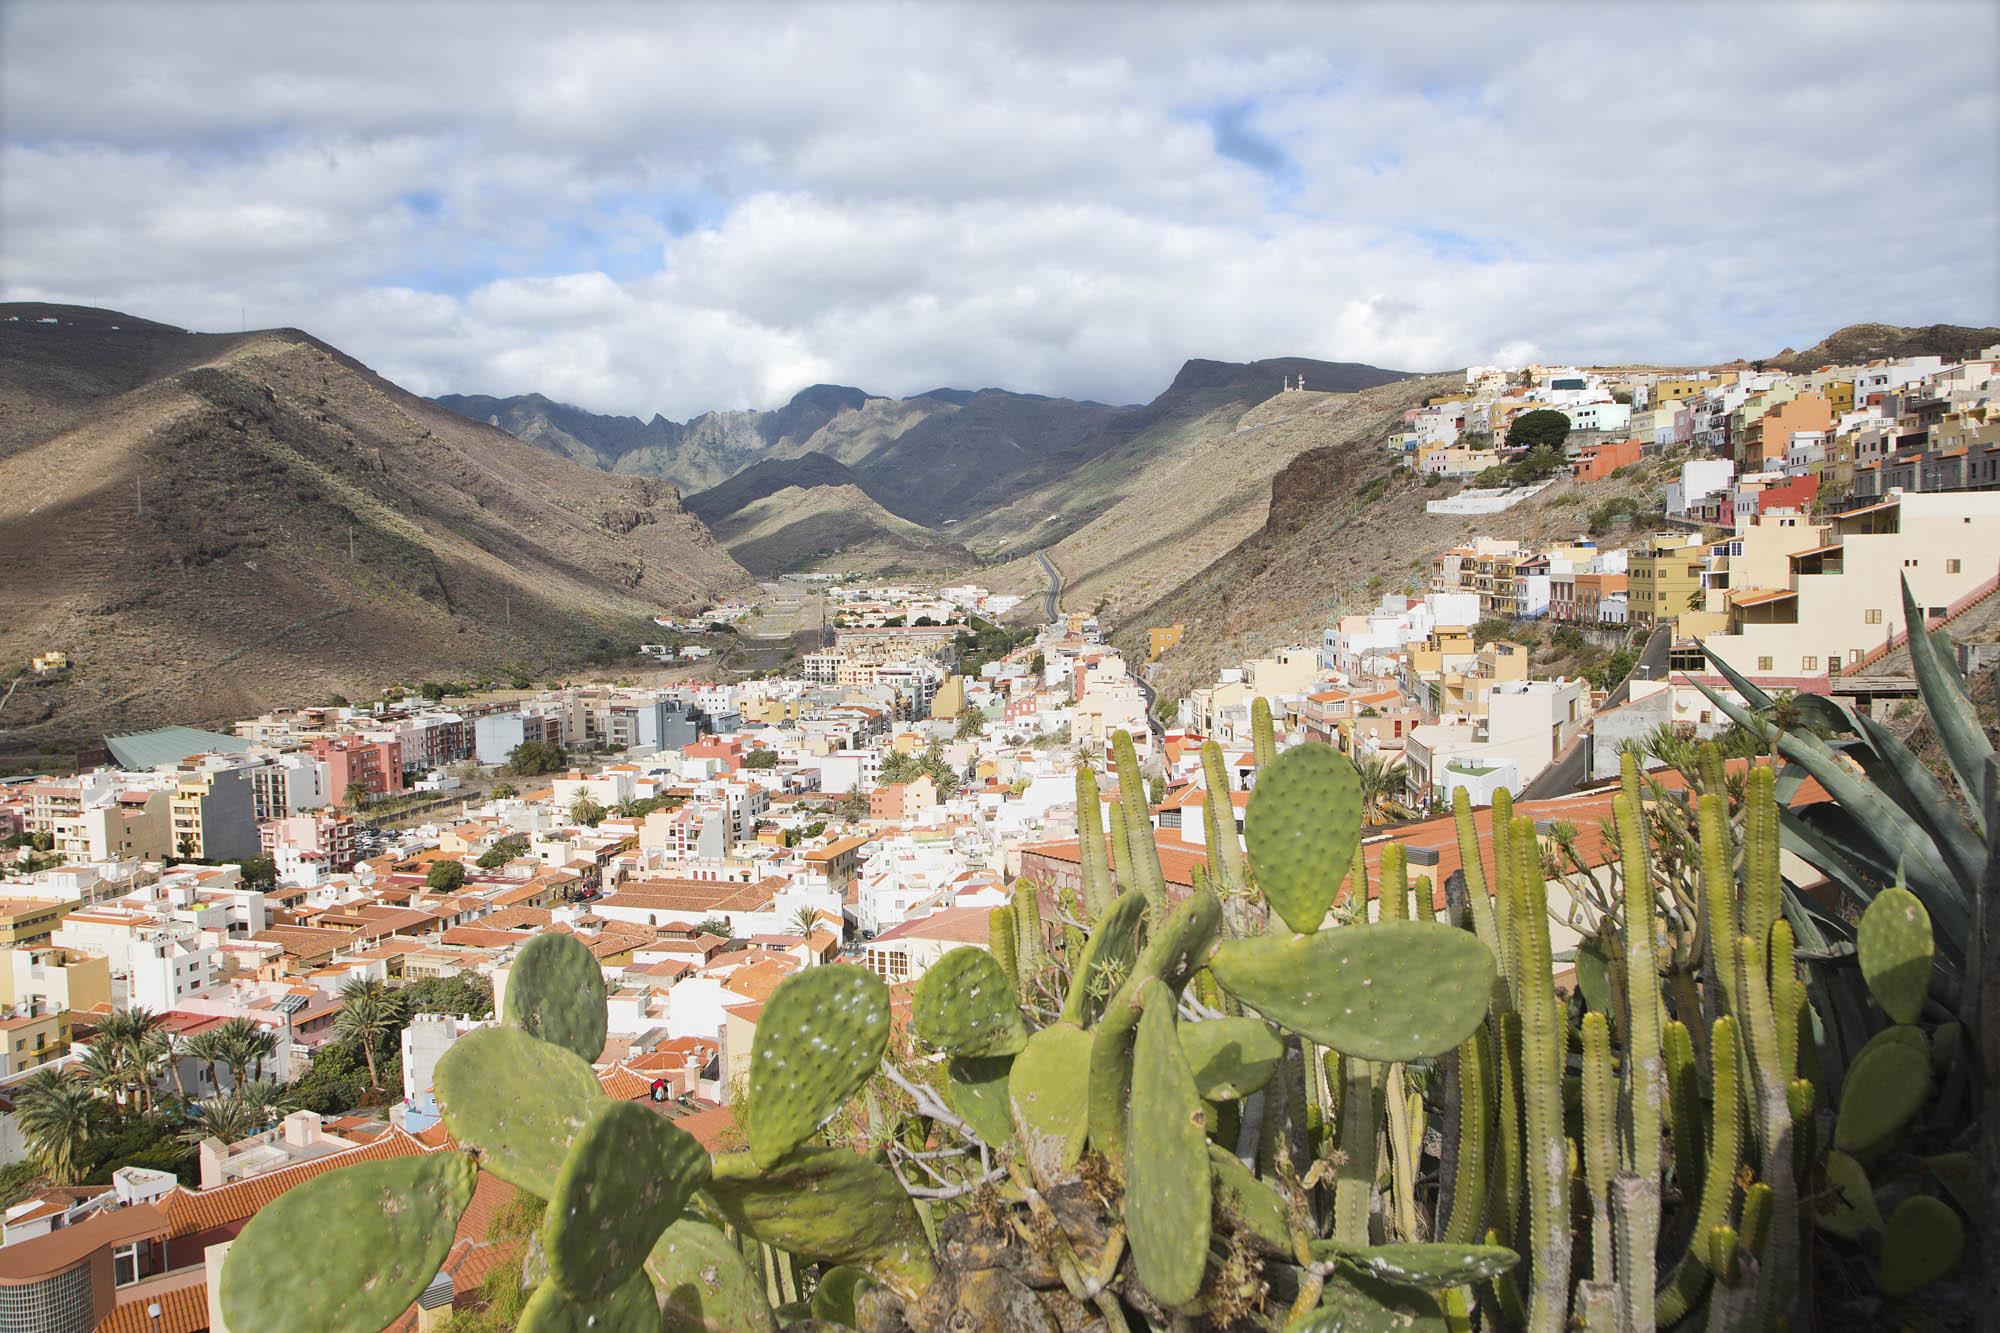 Spanien, Kanarische Inseln, La Gomera, San Sebastian de La Gomera, Inselhauptstadt, Blick auf die Stadt und das Hinterland